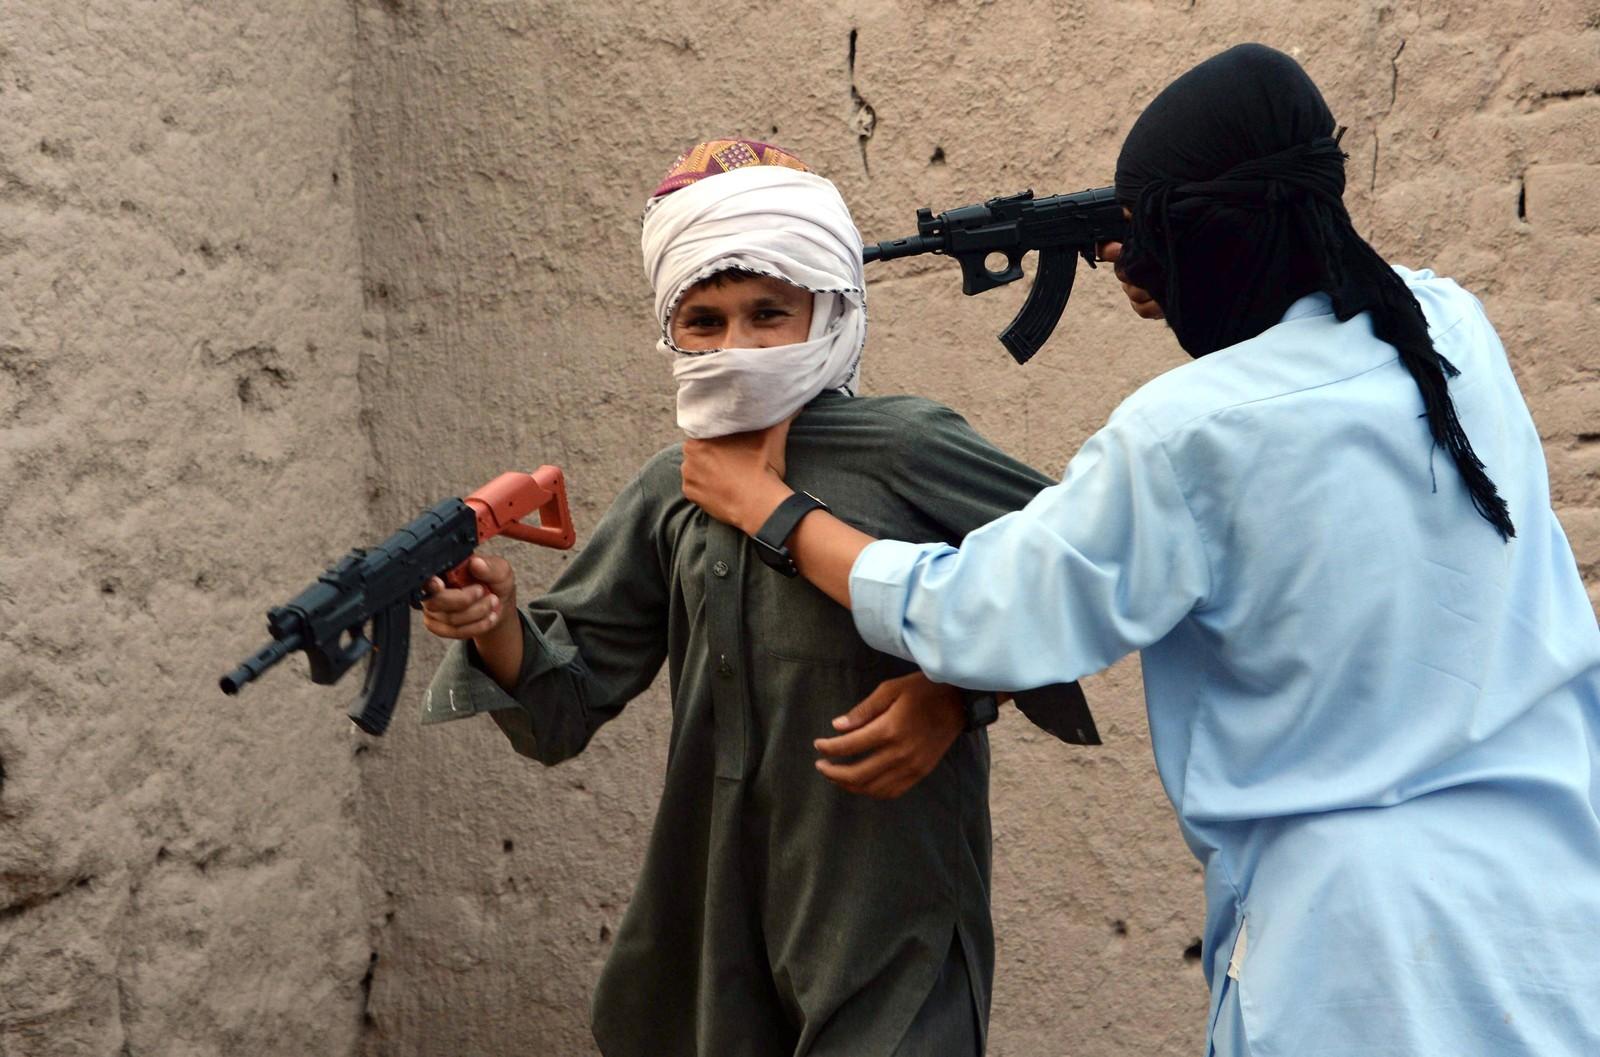 Det ser alvorlig ut, men er heldigvis bare lek. To afganske barn leker med plastvåpen for å feire slutten på fastemåneden Ramadan. Afghanistan innførte 21. juli forbud mot salg av Kalashnikov-imitasjoner og andre lekevåpen etter at mange unge ble skadet i lek under årets feiring. Myndighetene håper også at forbudet skal bidra til å dempe den voldelige kulturen blant mange unge i landet.